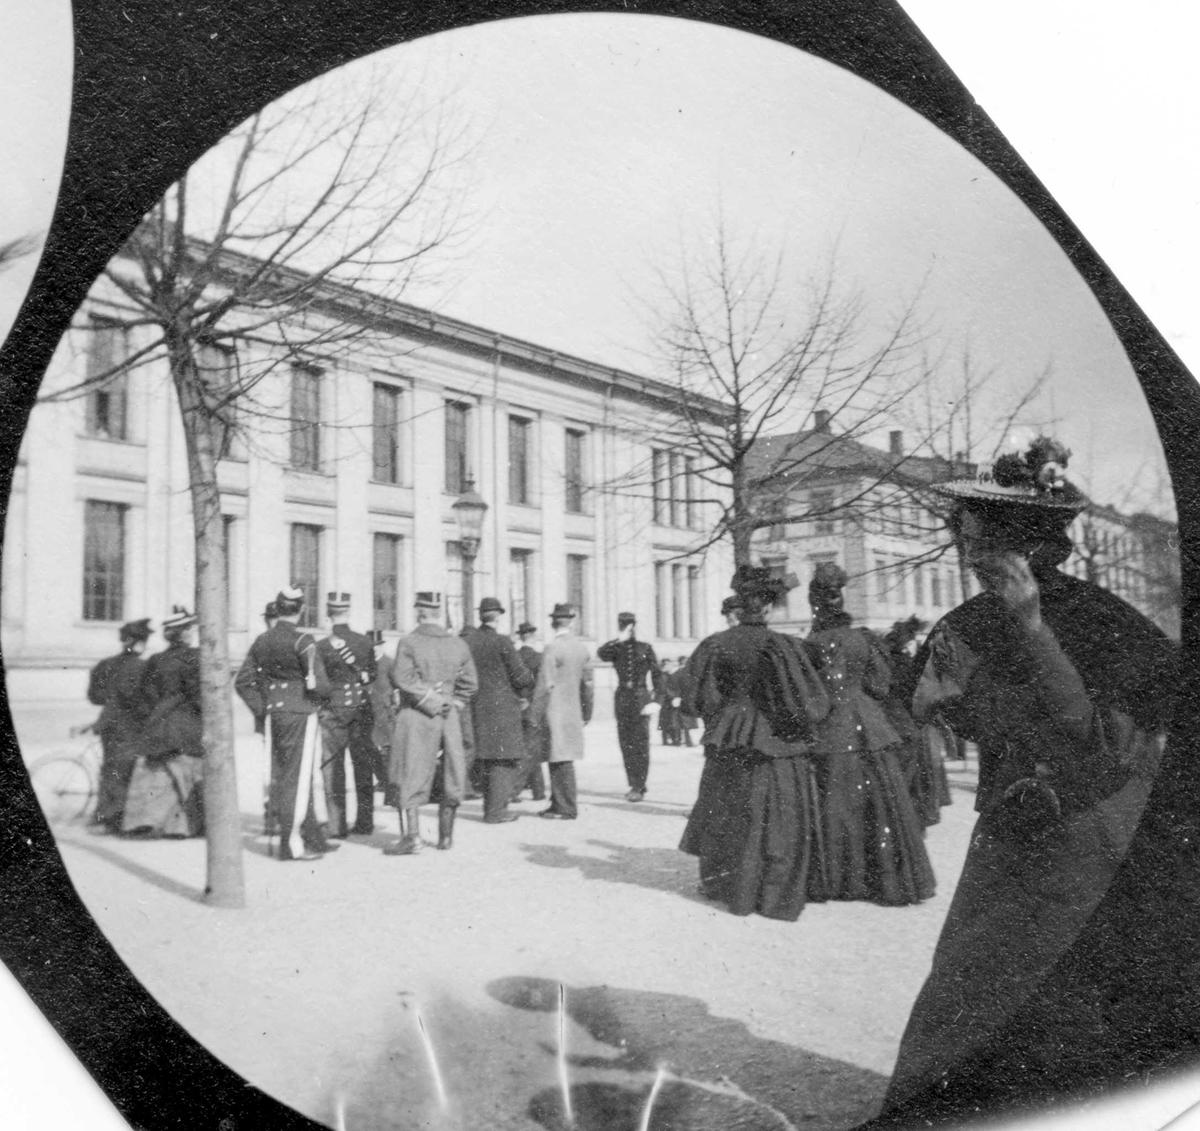 Mennesker i Studenterlunden, Karl Johans gate, Oslo. Universitetet i bakgrunnen. Menn.i uniformer.